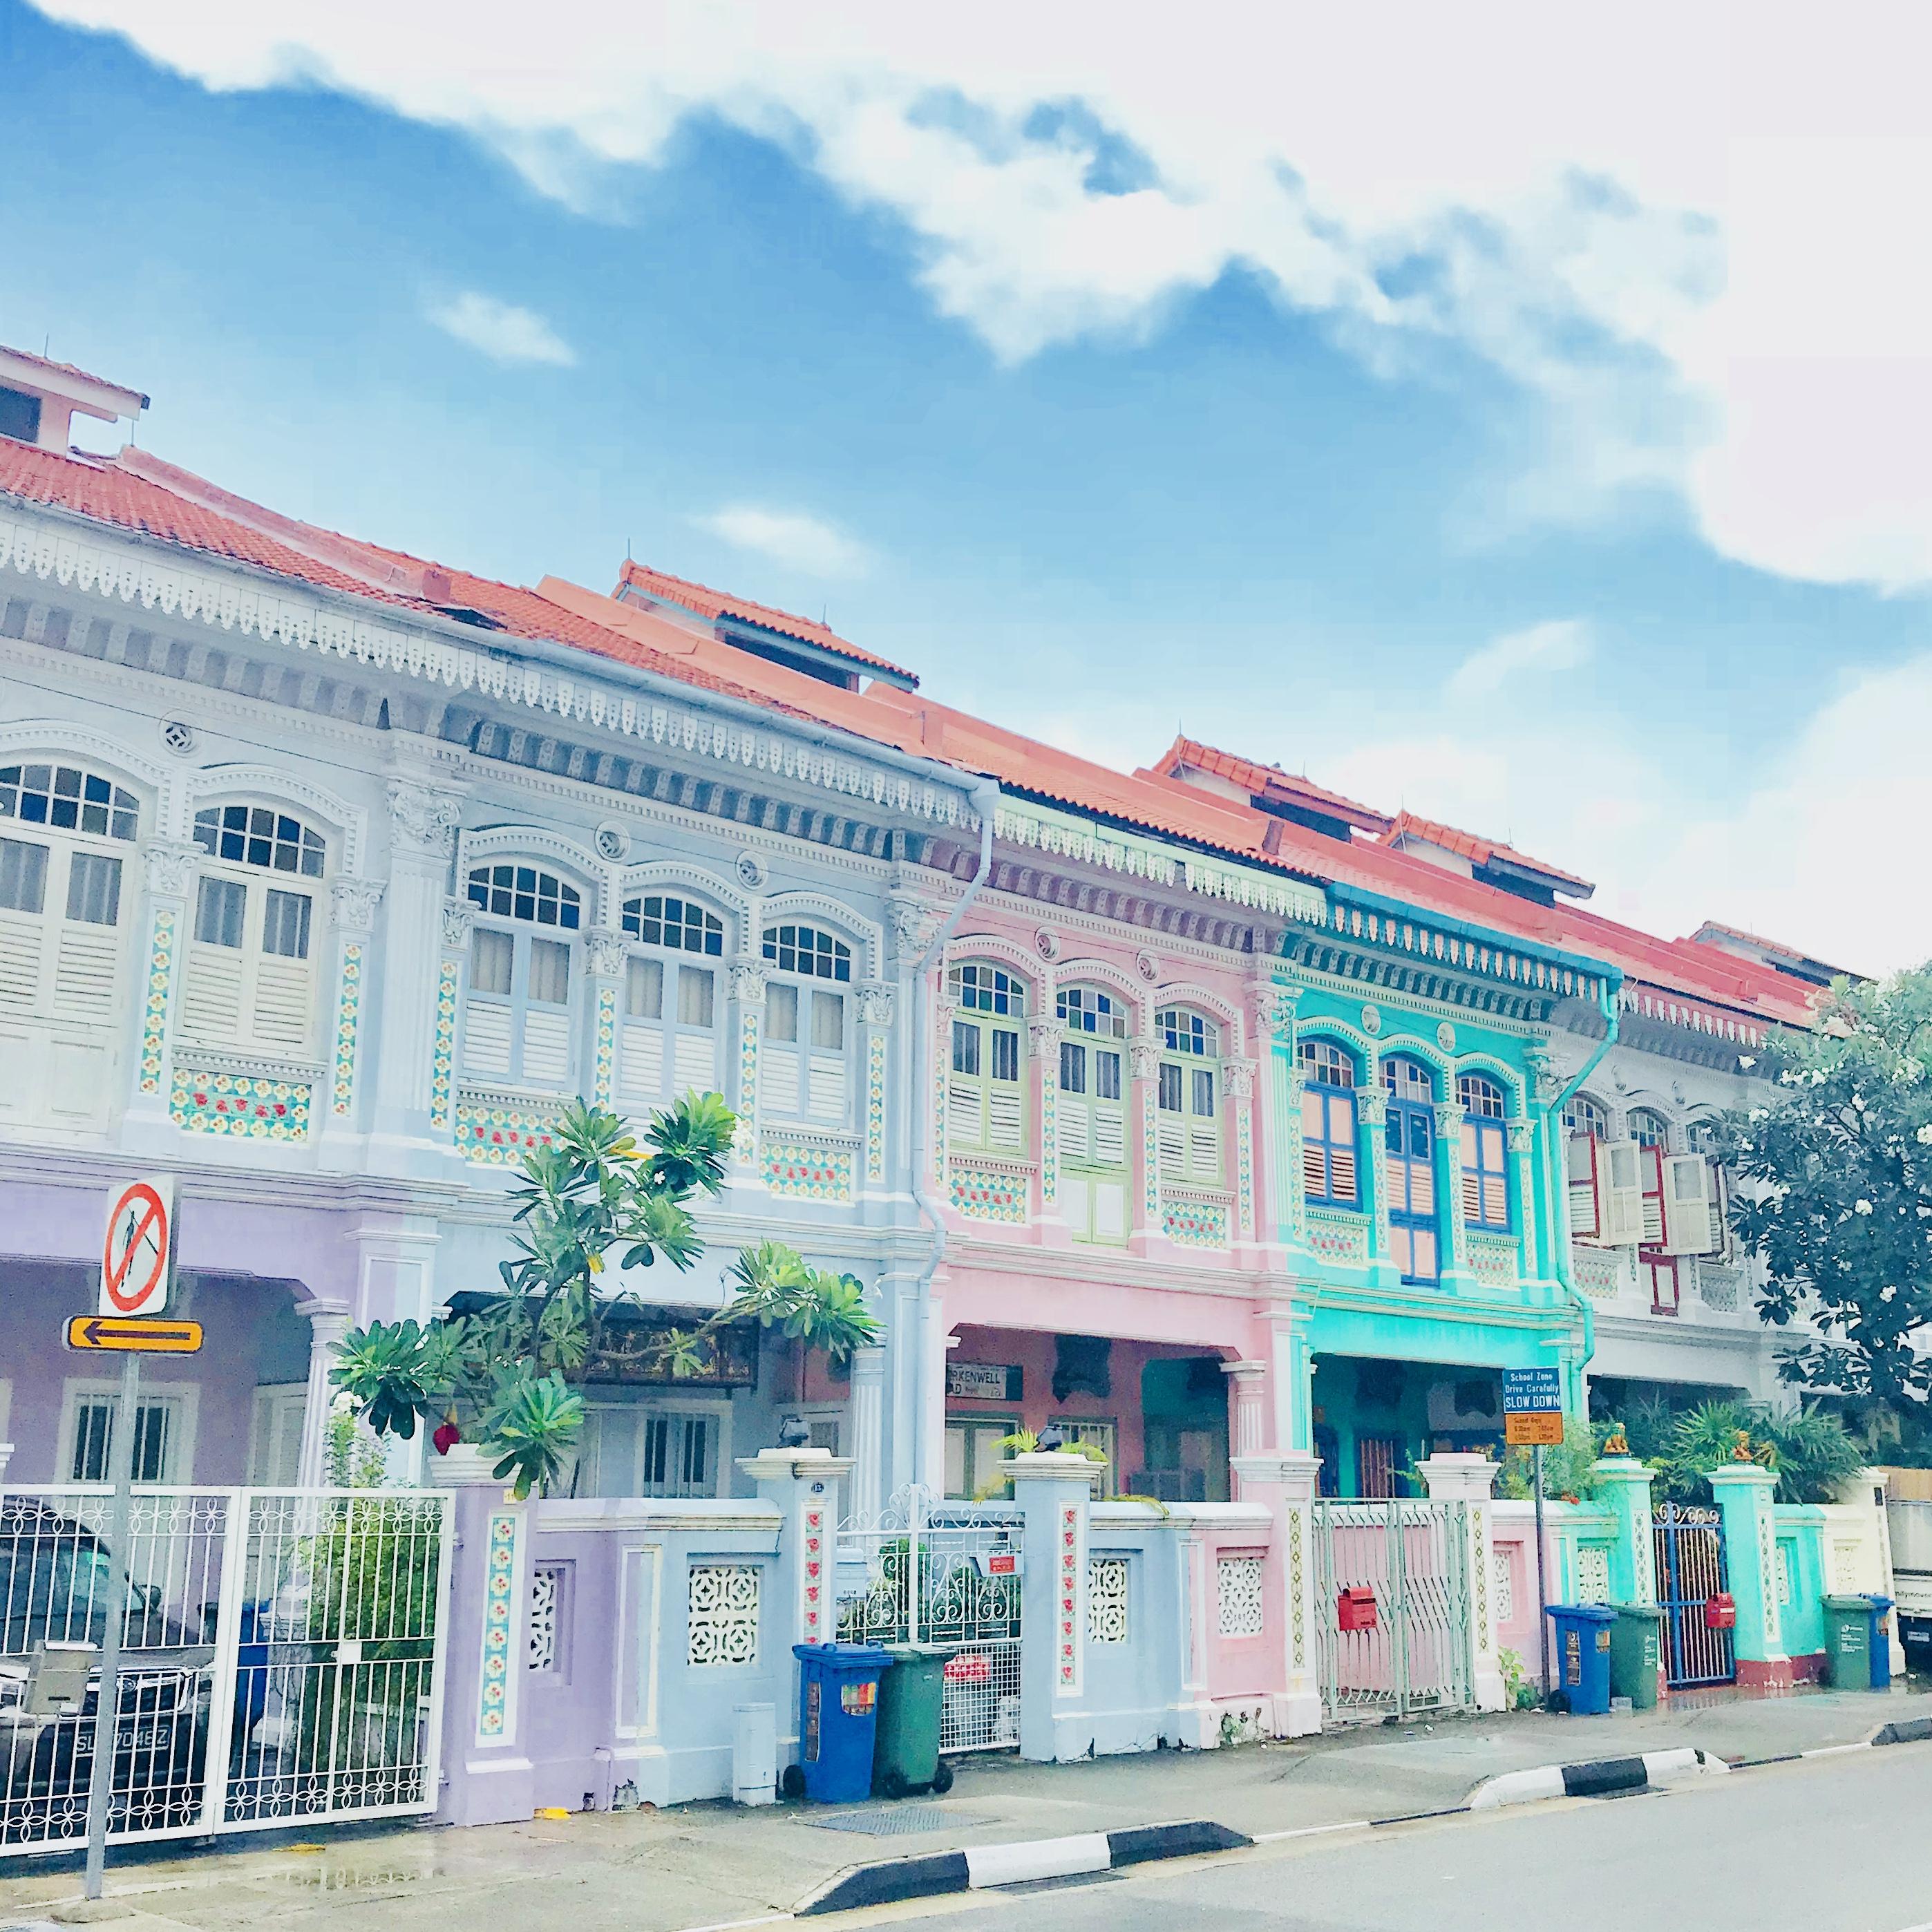 シンガポール女子旅日記③絵本の世界♡フォトジェニックな街並みを撮ろう!